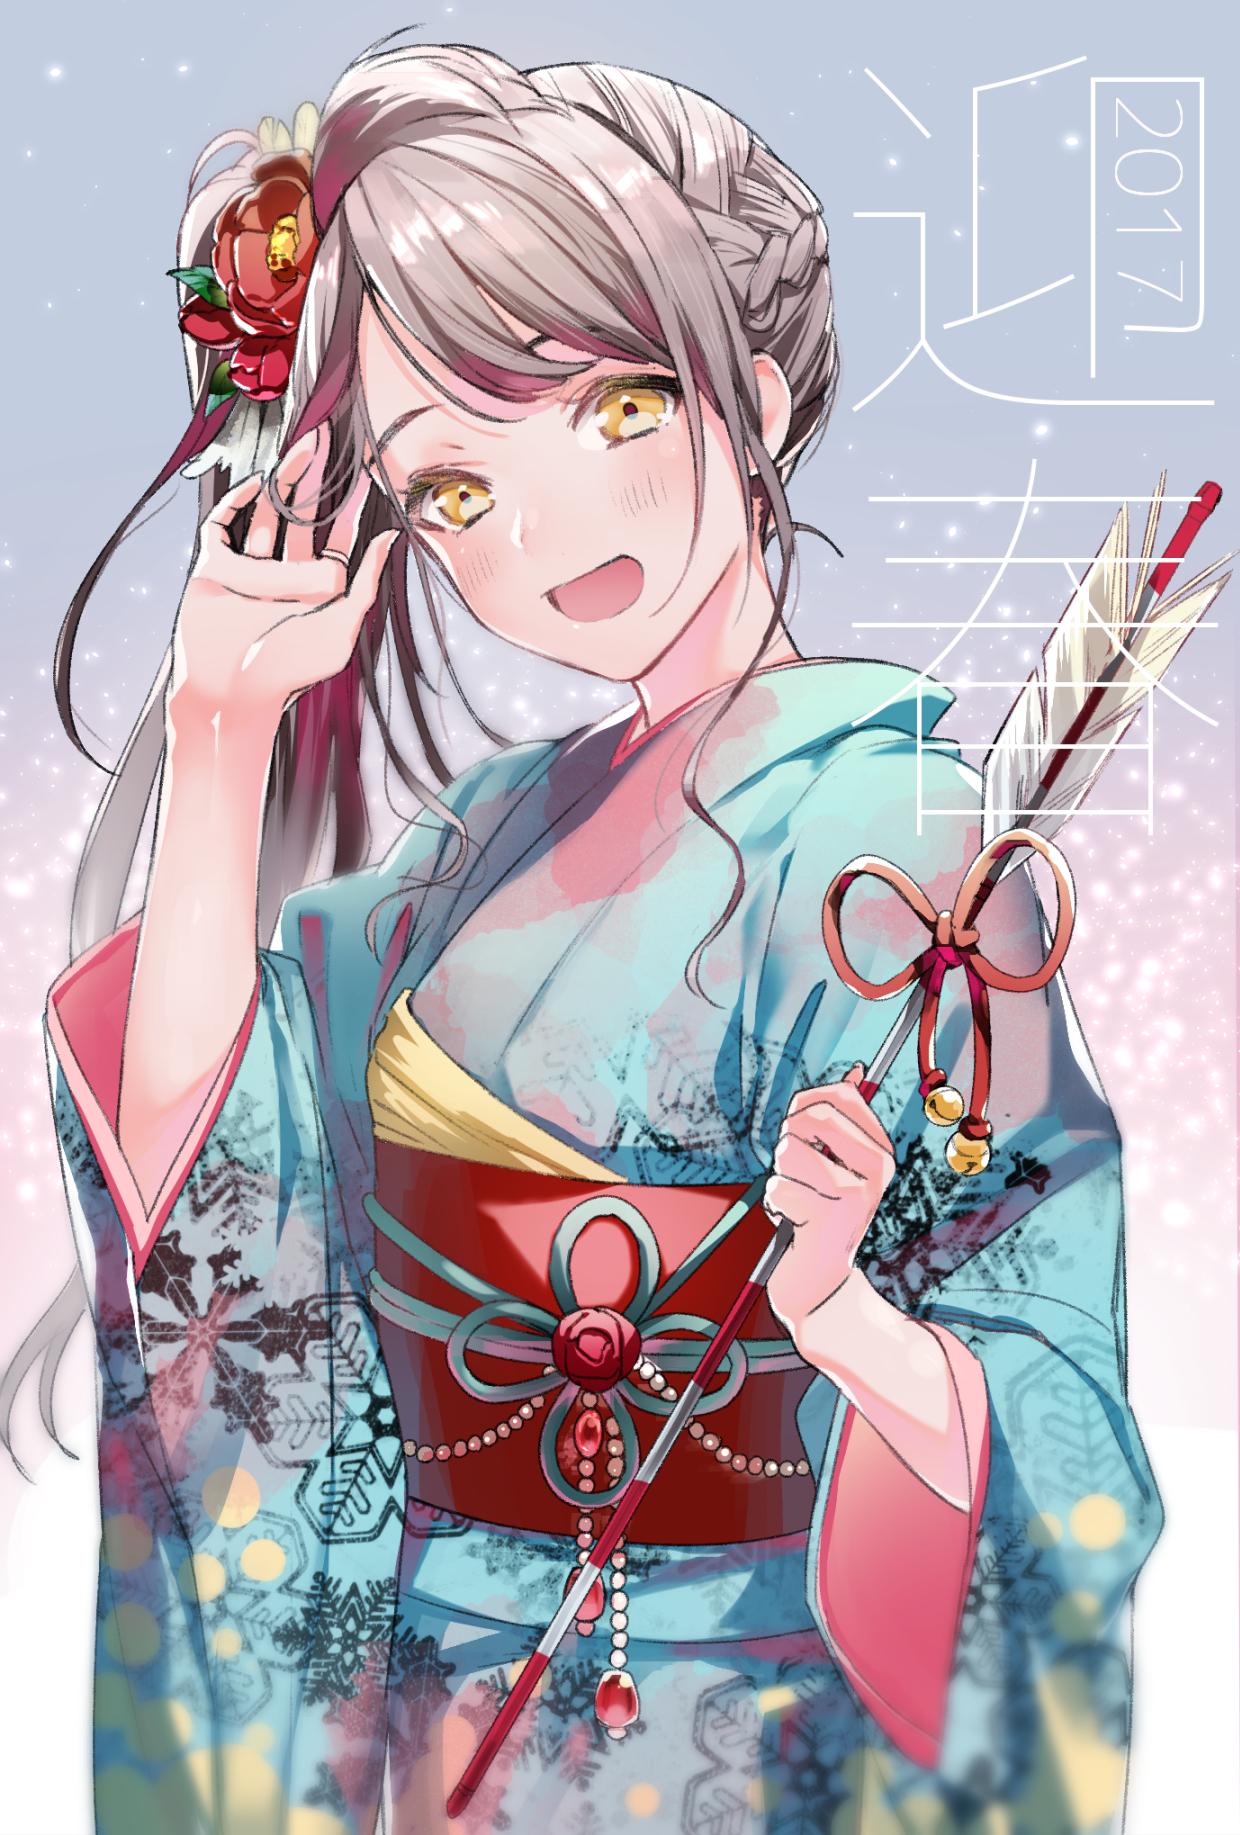 Love Live Wallpaper Zerochan : Minami Kotori - Love Live! - Mobile Wallpaper #2065835 ...